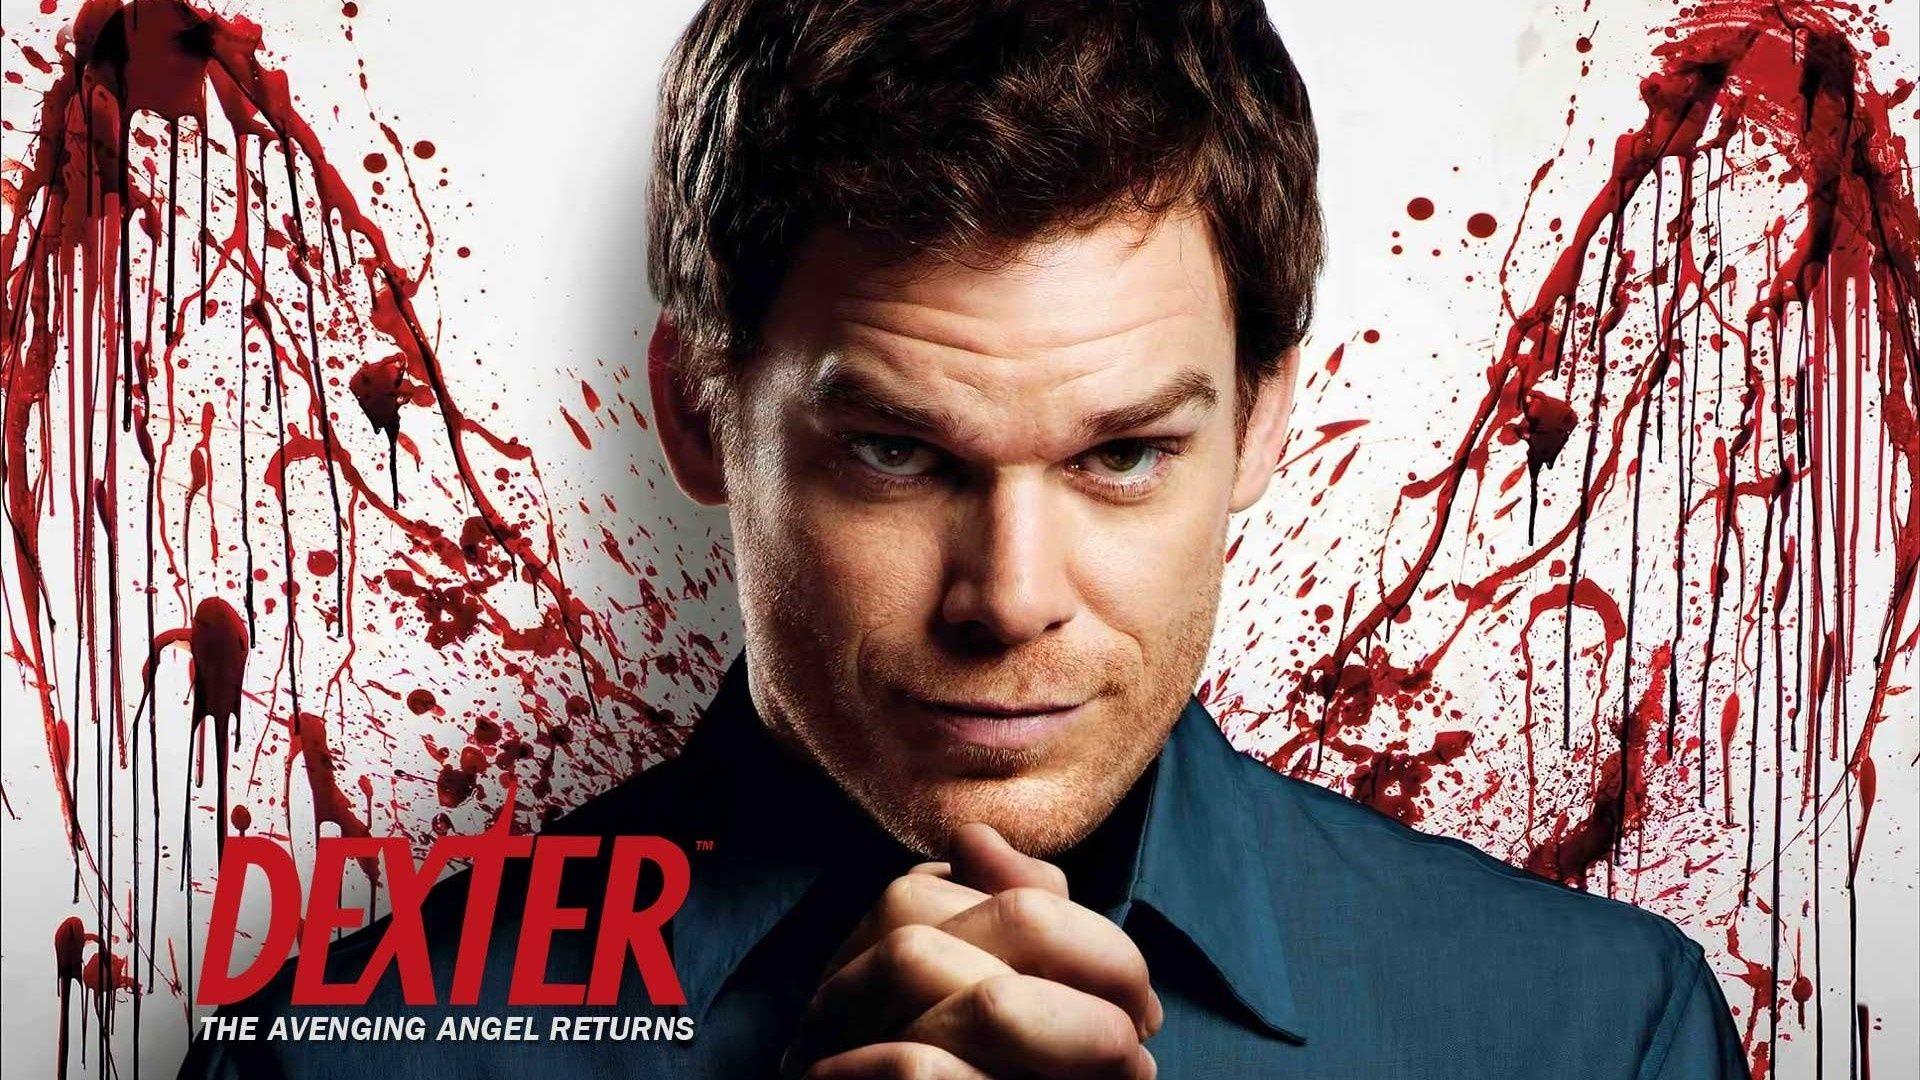 Dexter Hd Wallpapers Backgrounds Wallpaper Dexter Morgan Dexter Poster Dexter Seasons